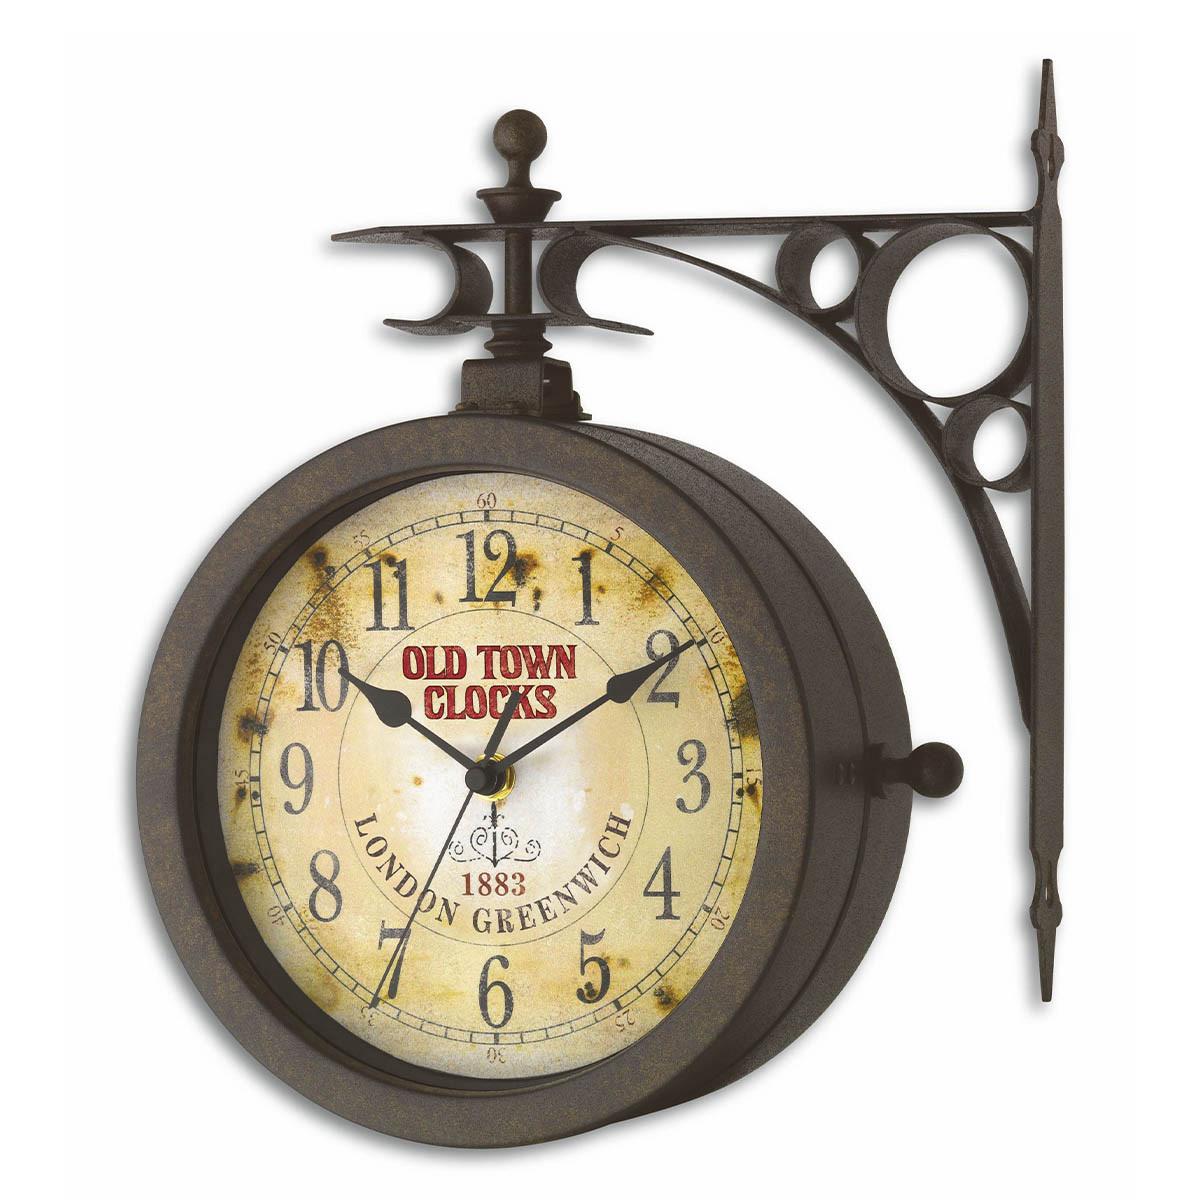 60-3011-wanduhr-thermometer-nostalgie-ansicht-1200x1200px.jpg